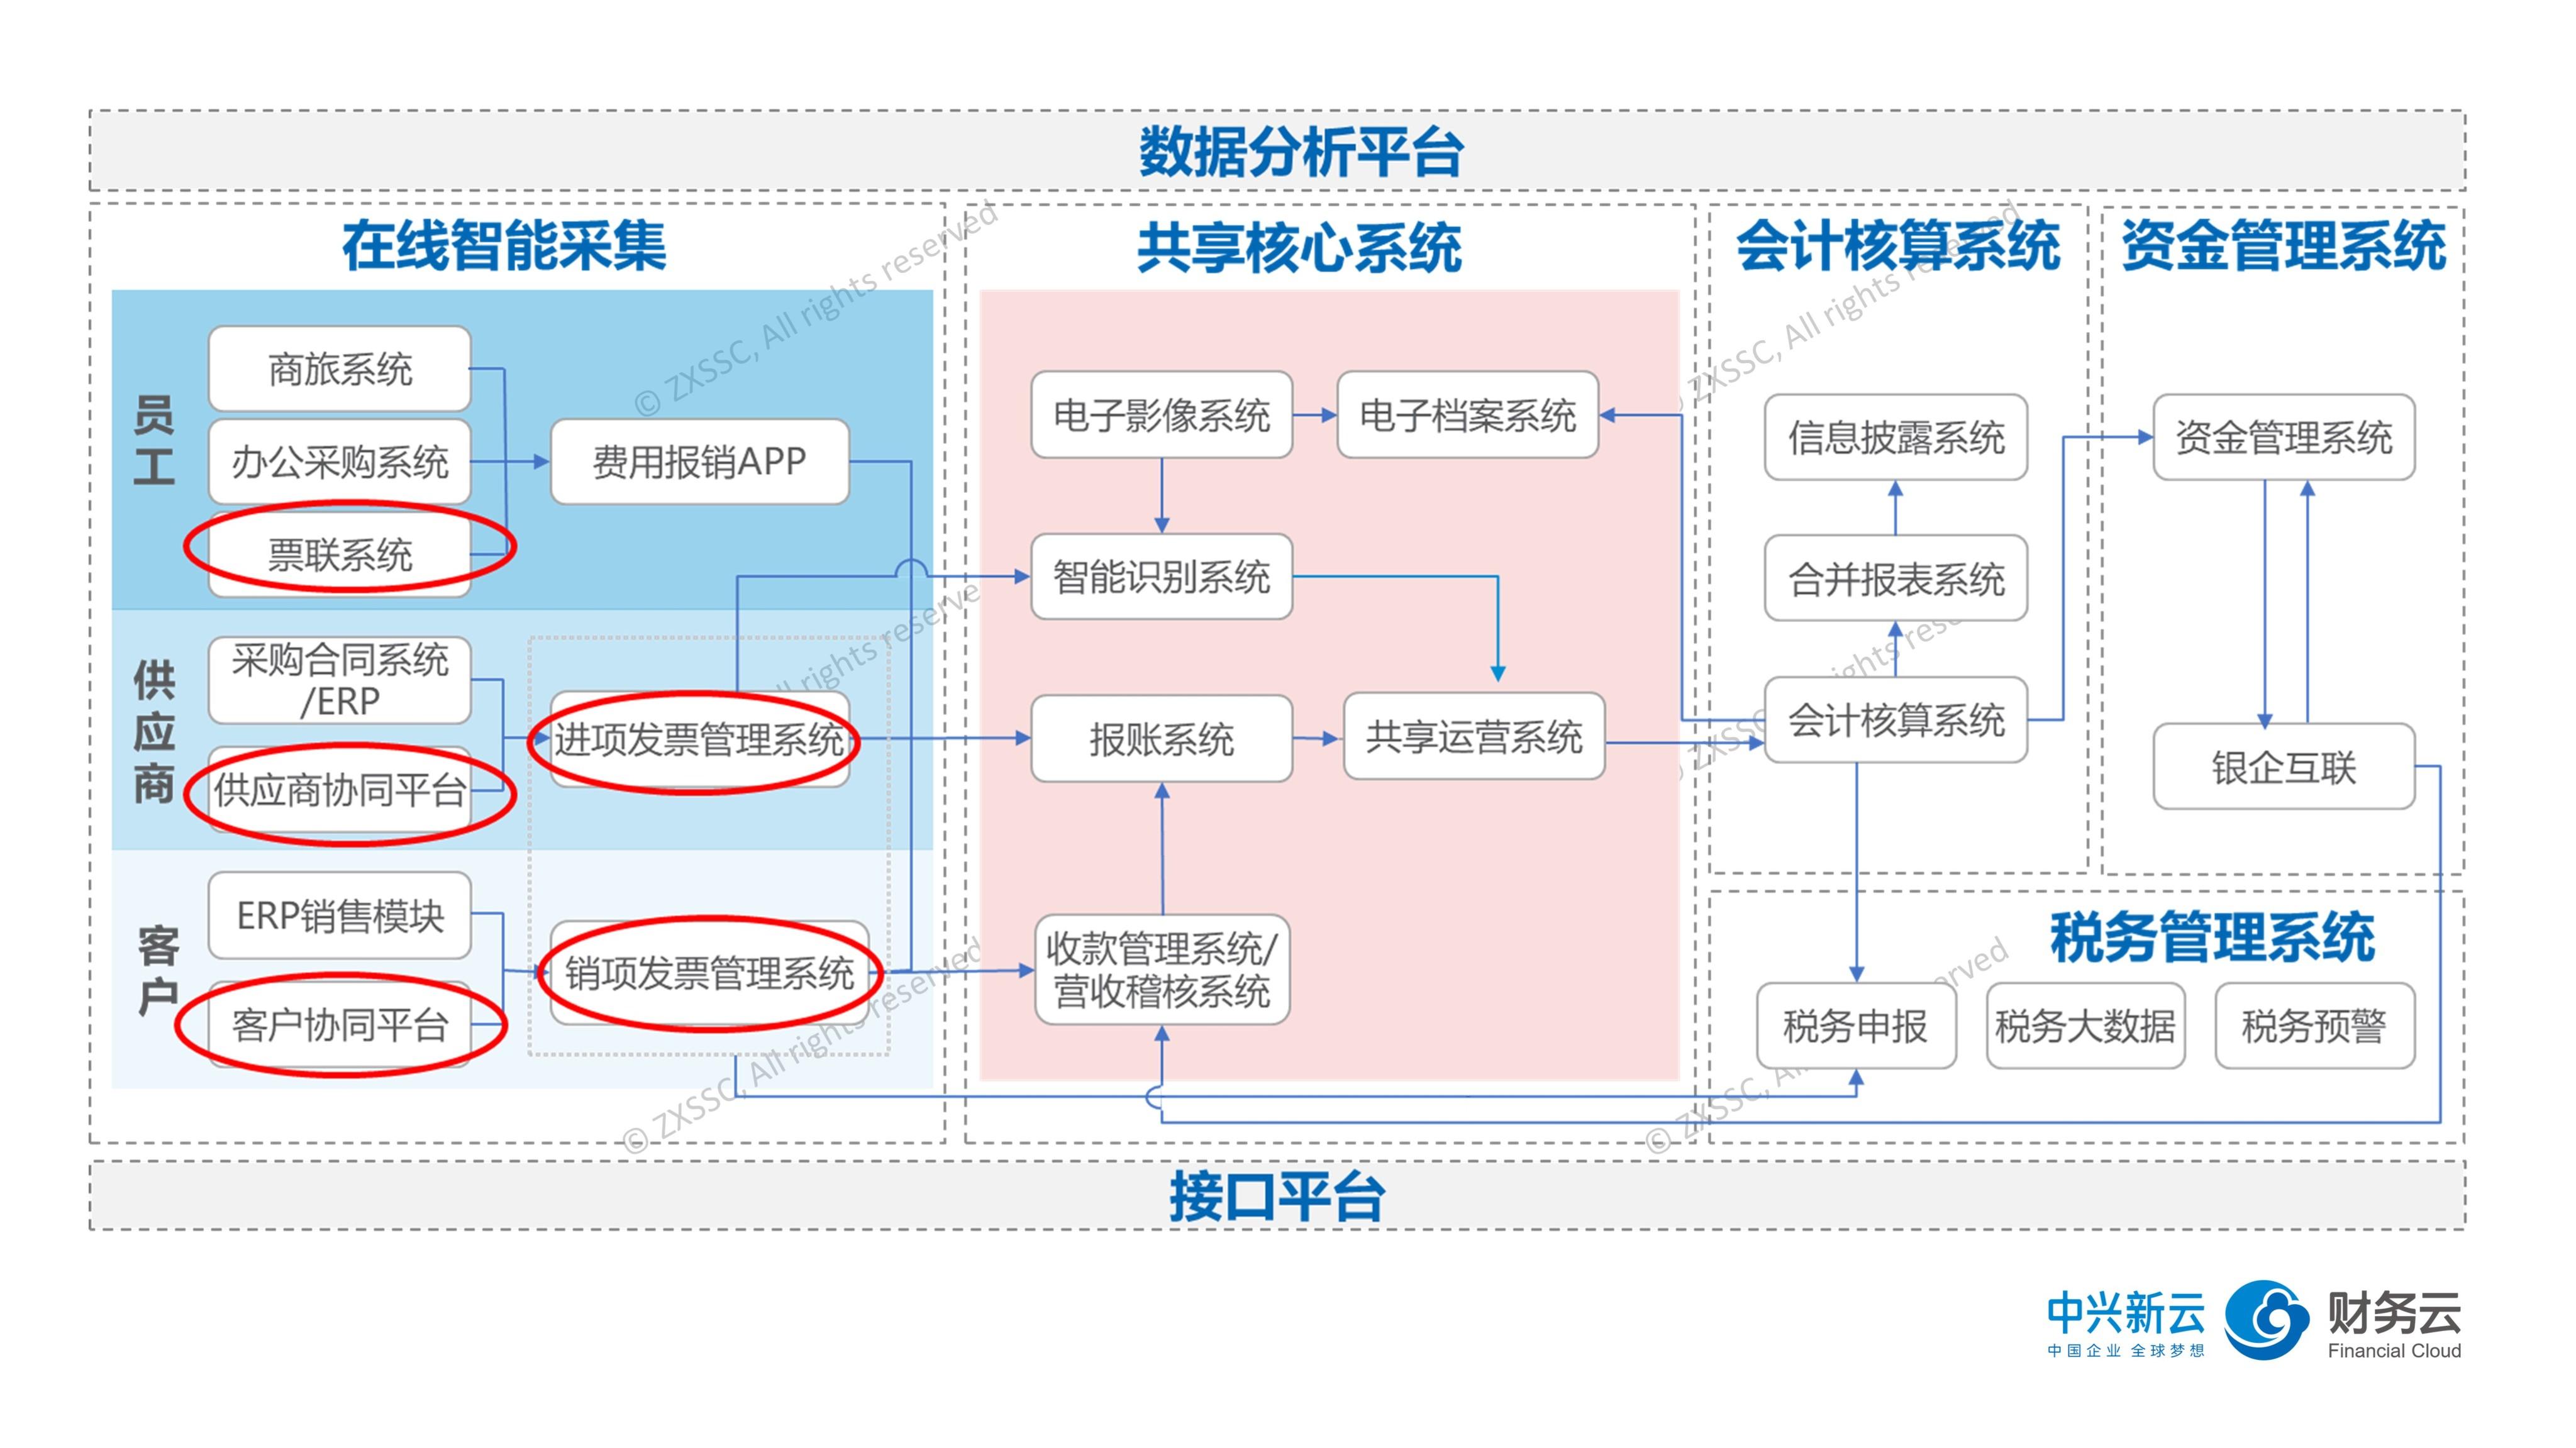 专票电子化PPT (2).jpg